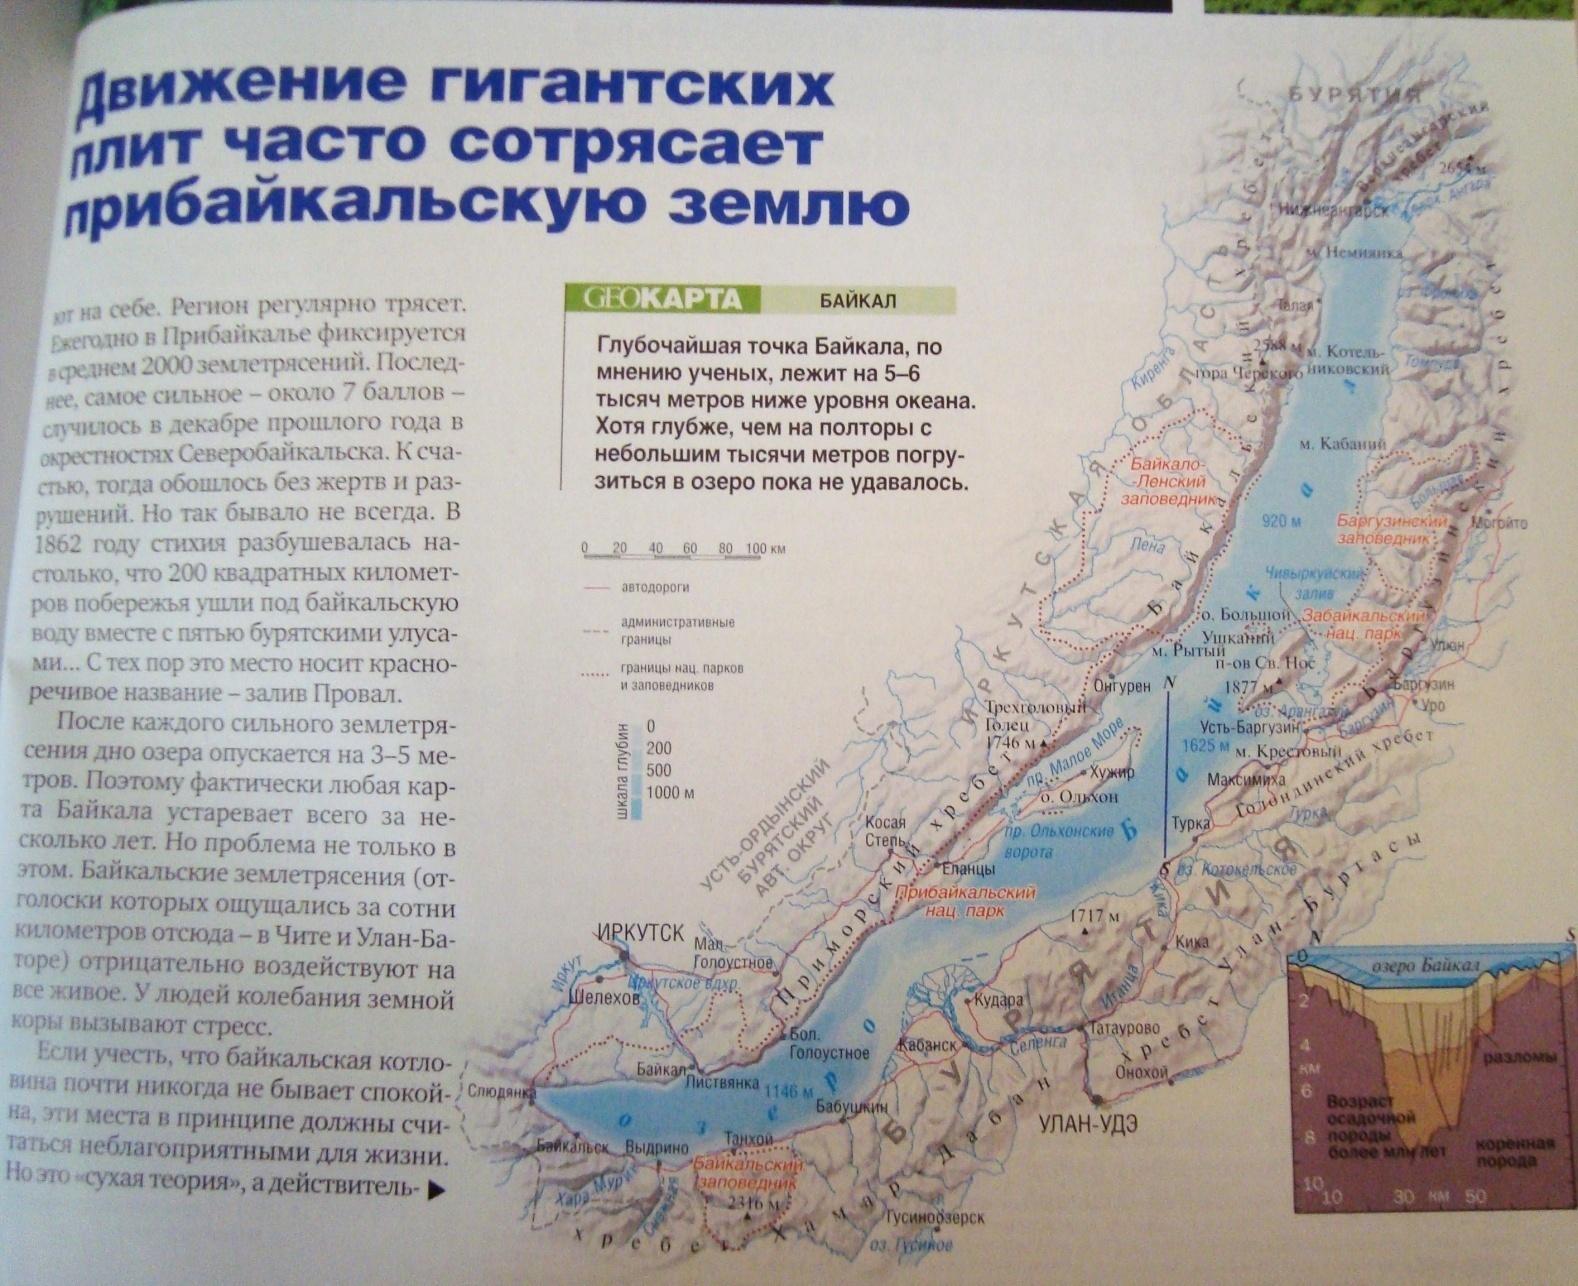 D:\ШКОЛА\Россия\Байкал\DSC03450.JPG